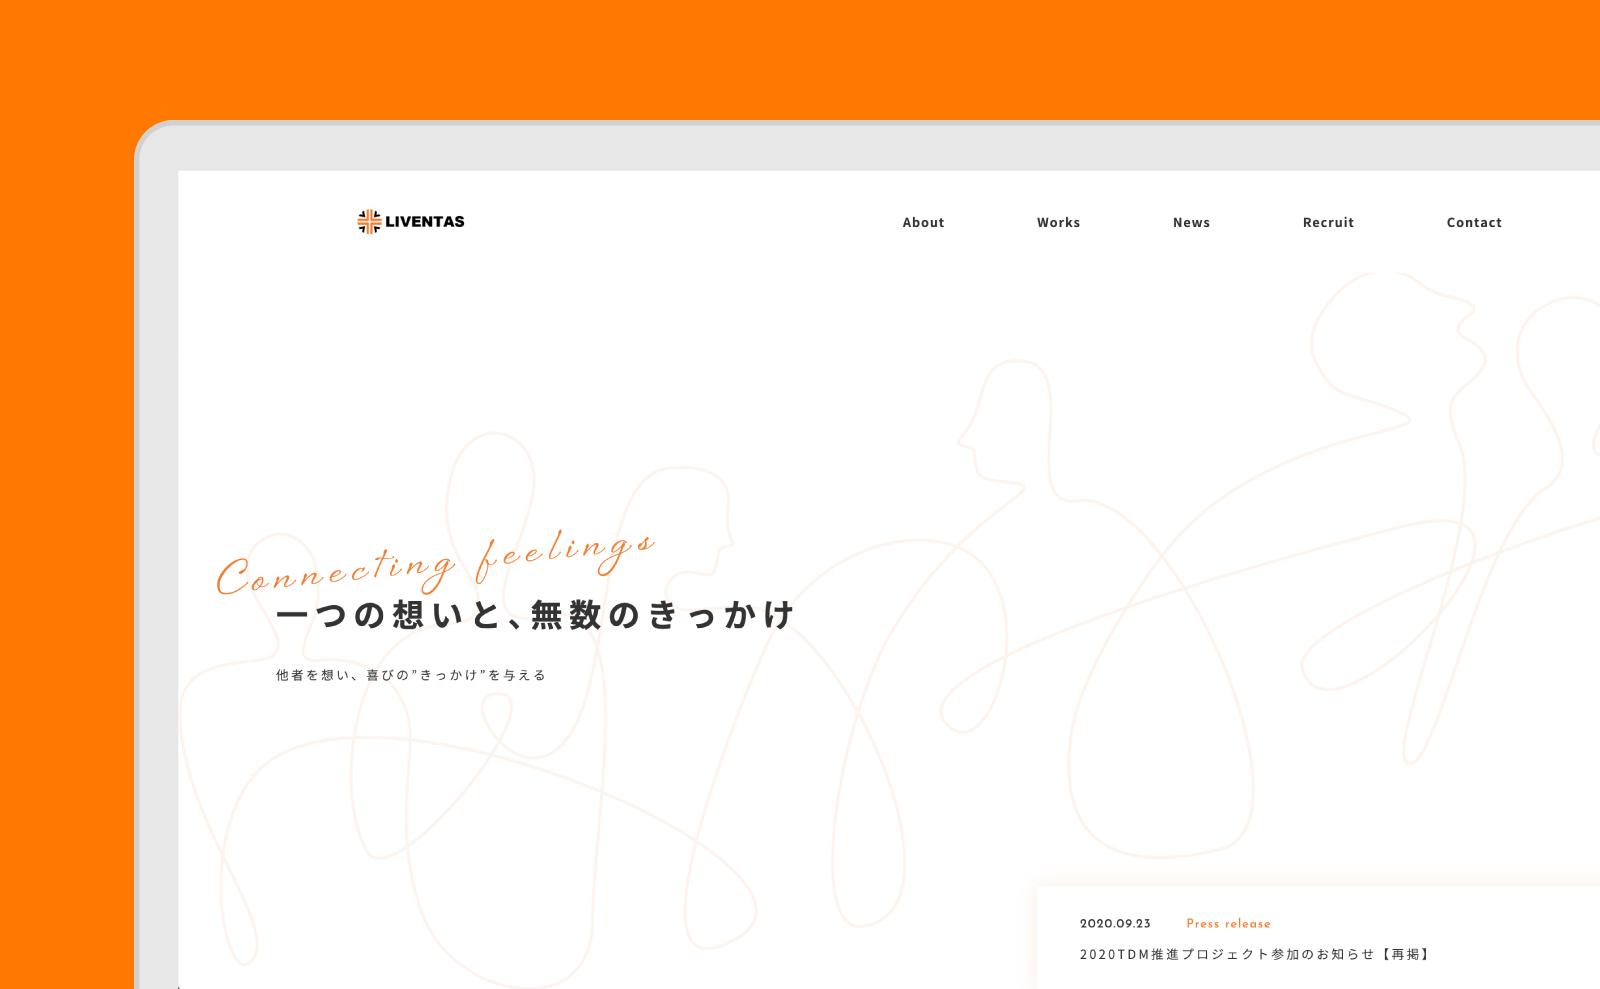 【コーポレートサイト公開のお知らせ】Curiousがトータルブランディングを担当した合同会社LIVENTAS様のコーポレートサイトが公開されました!!